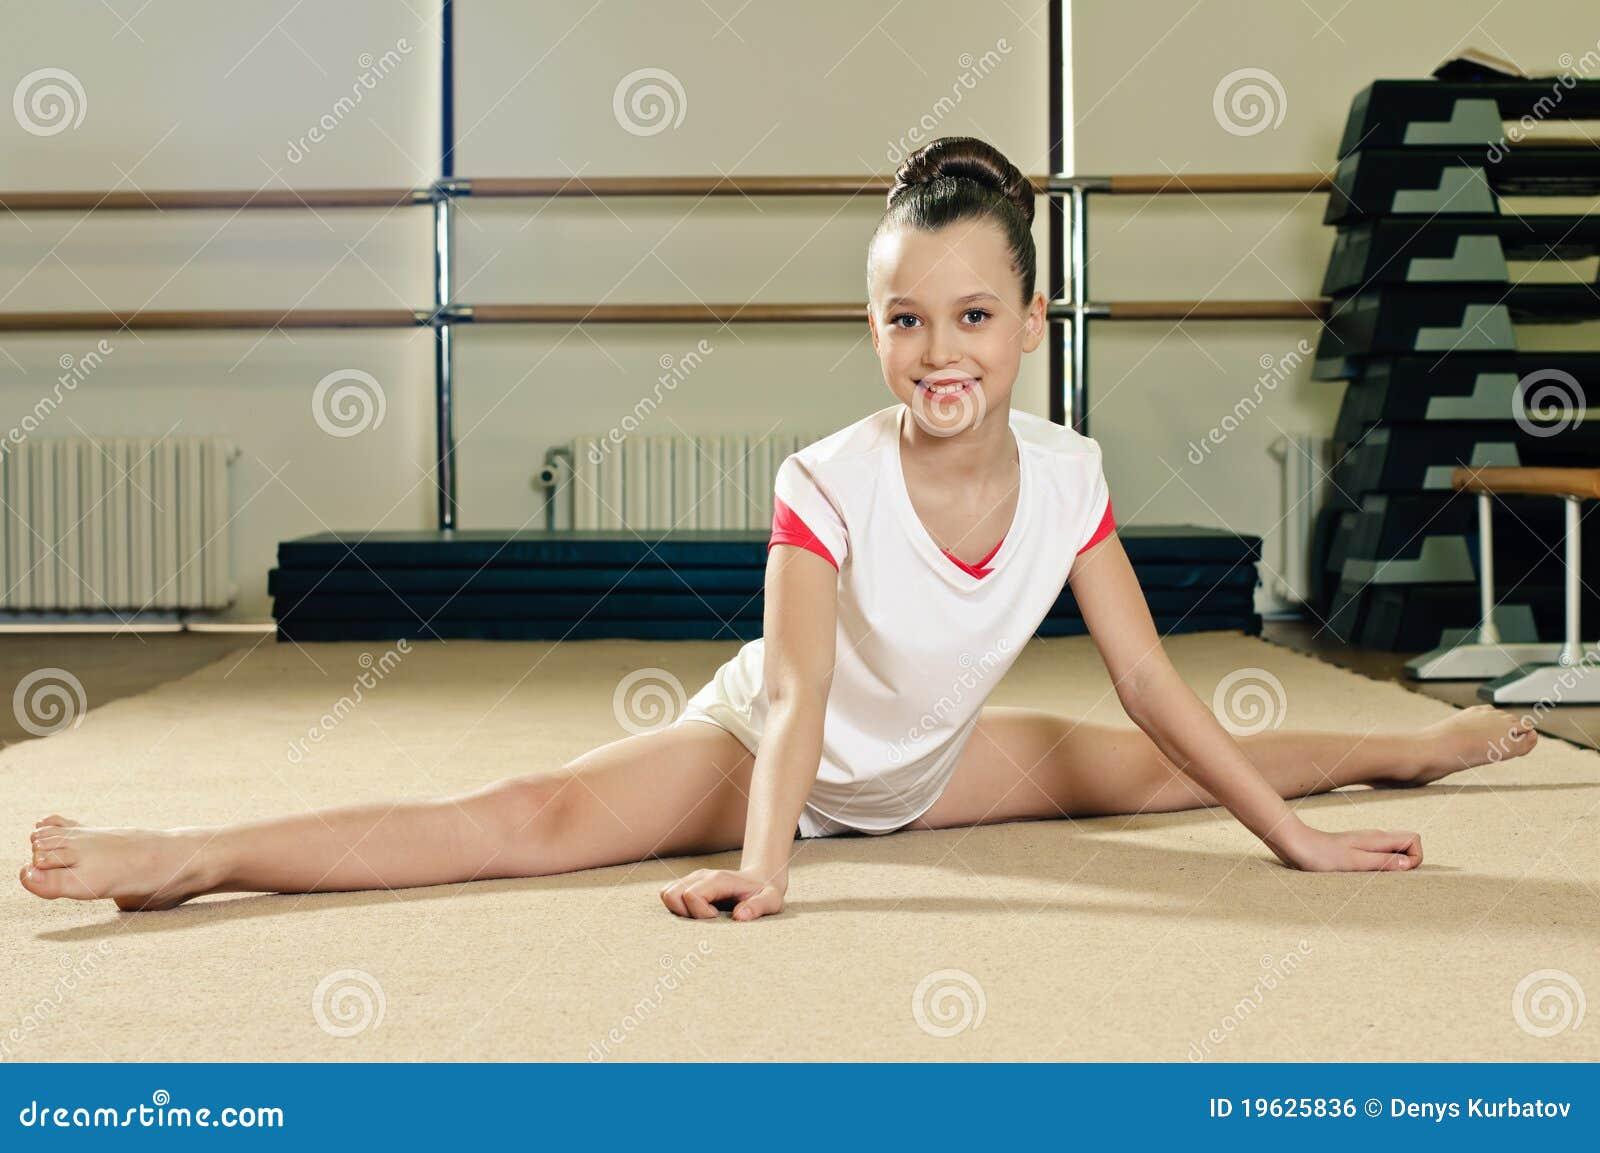 Фото модель гимнастки 21 фотография